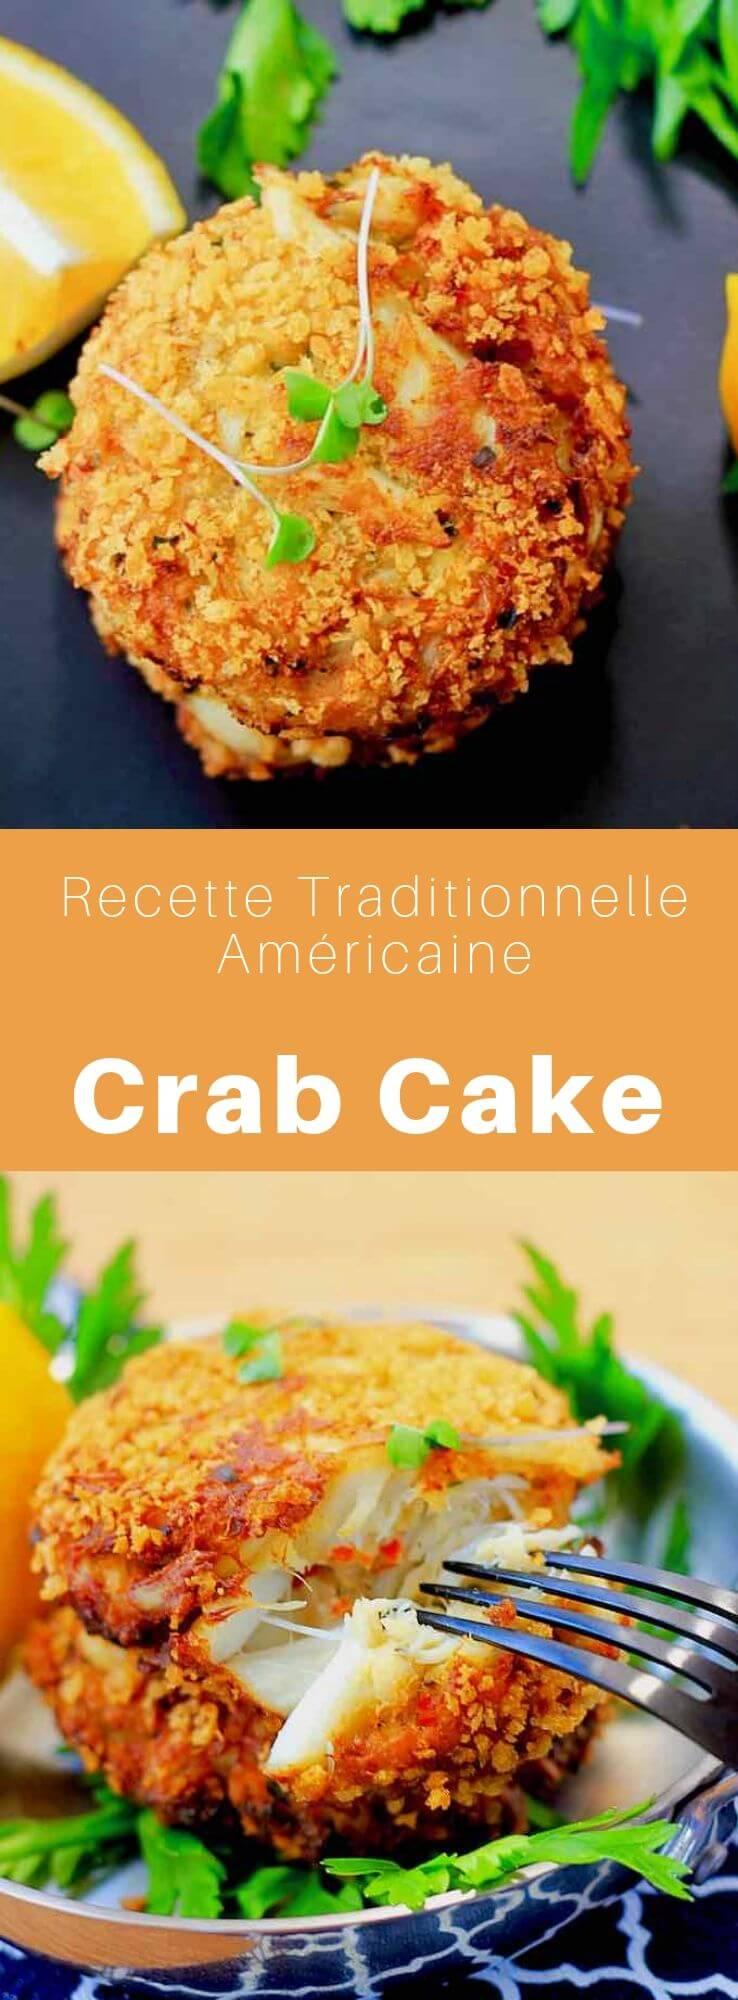 Le crab cake, populaire aux États-Unis, est composé de chair de crabe et d'autres ingrédients tels que chapelure, mayonnaise, moutarde, et œuf. Il est ensuite frit, sauté, cuit au four, ou grillé. #RecetteAmericaine #CuisineAmericaine #CuisineDuMonde #196flavors